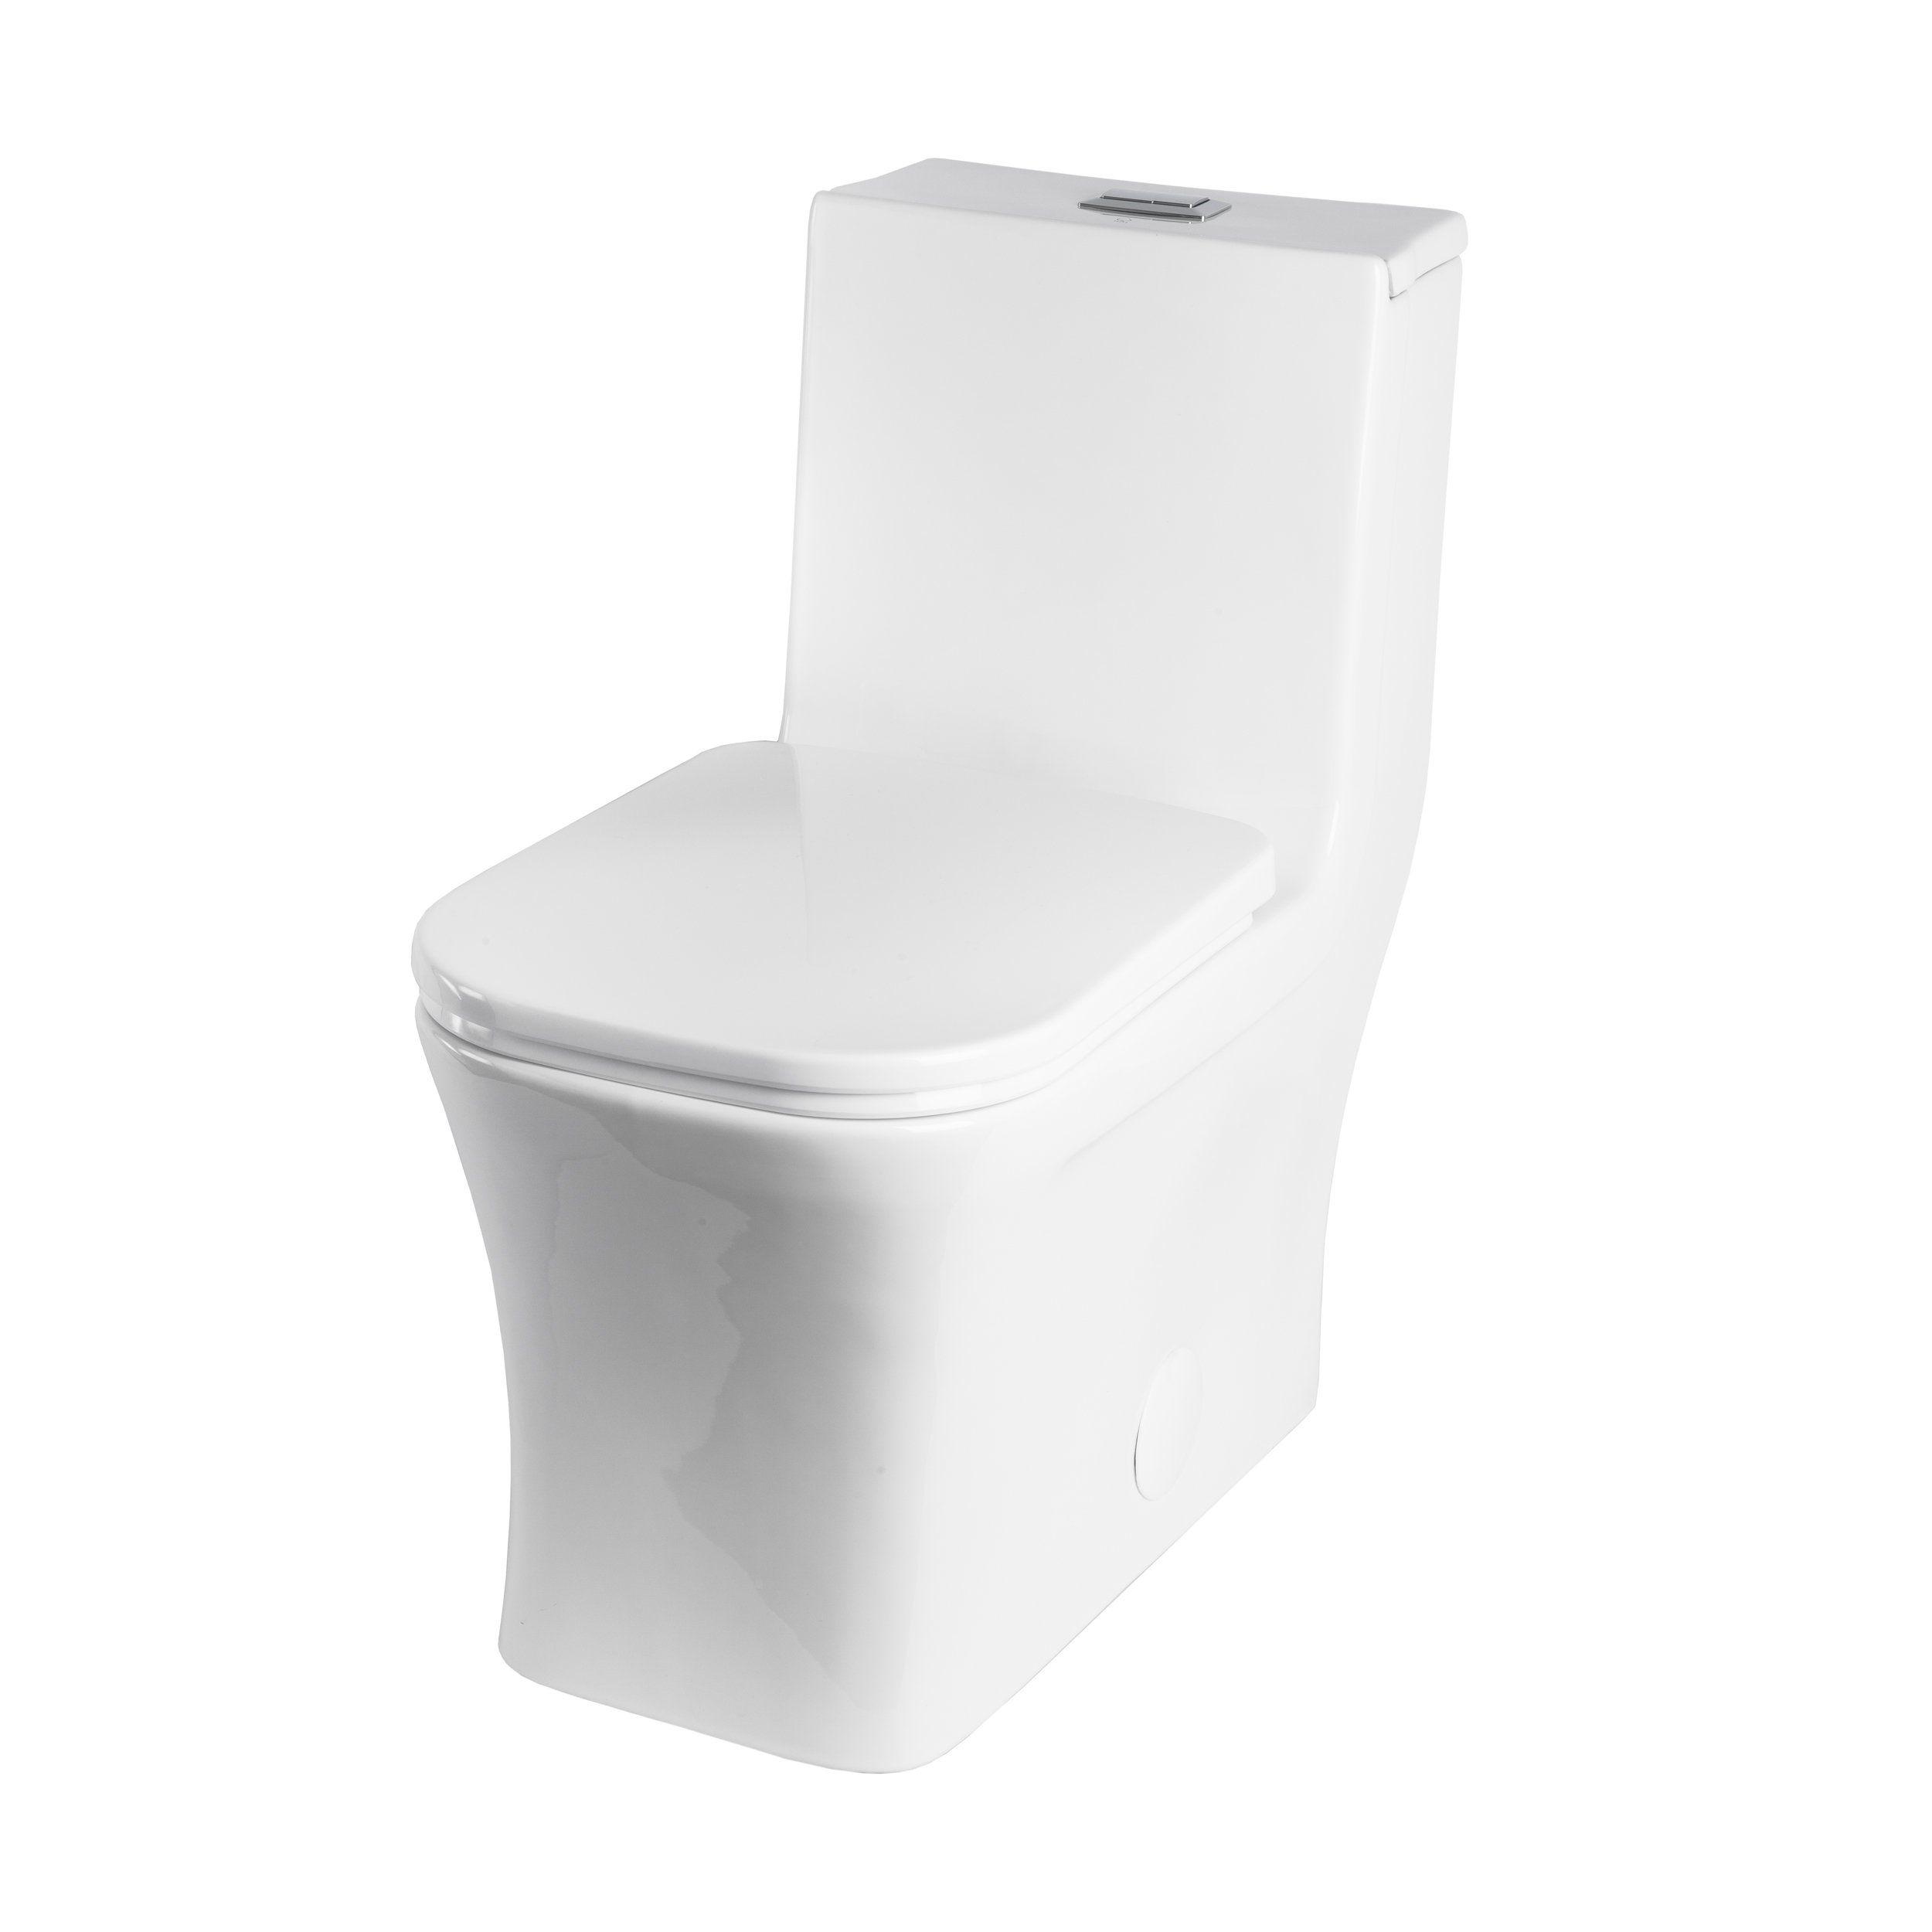 Bai 1007 Contemporary Toilet One Piece Dual Flush With Soft